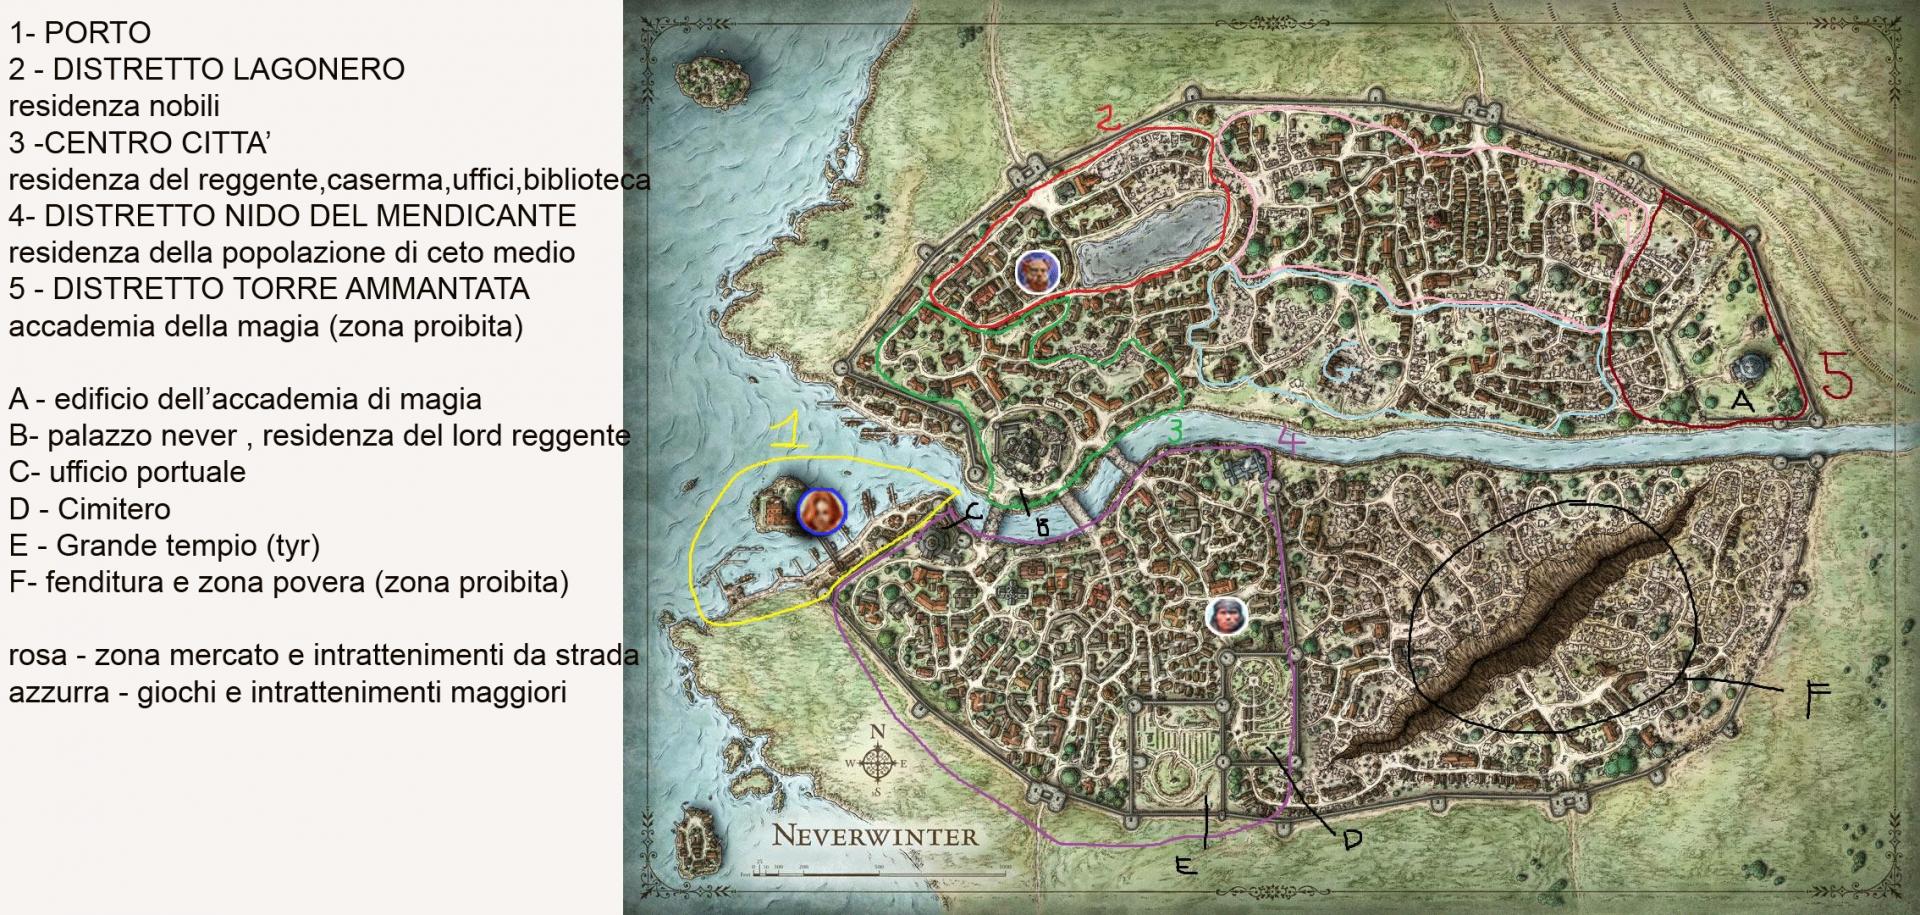 mappa-neverwinter-con-posizioni.png